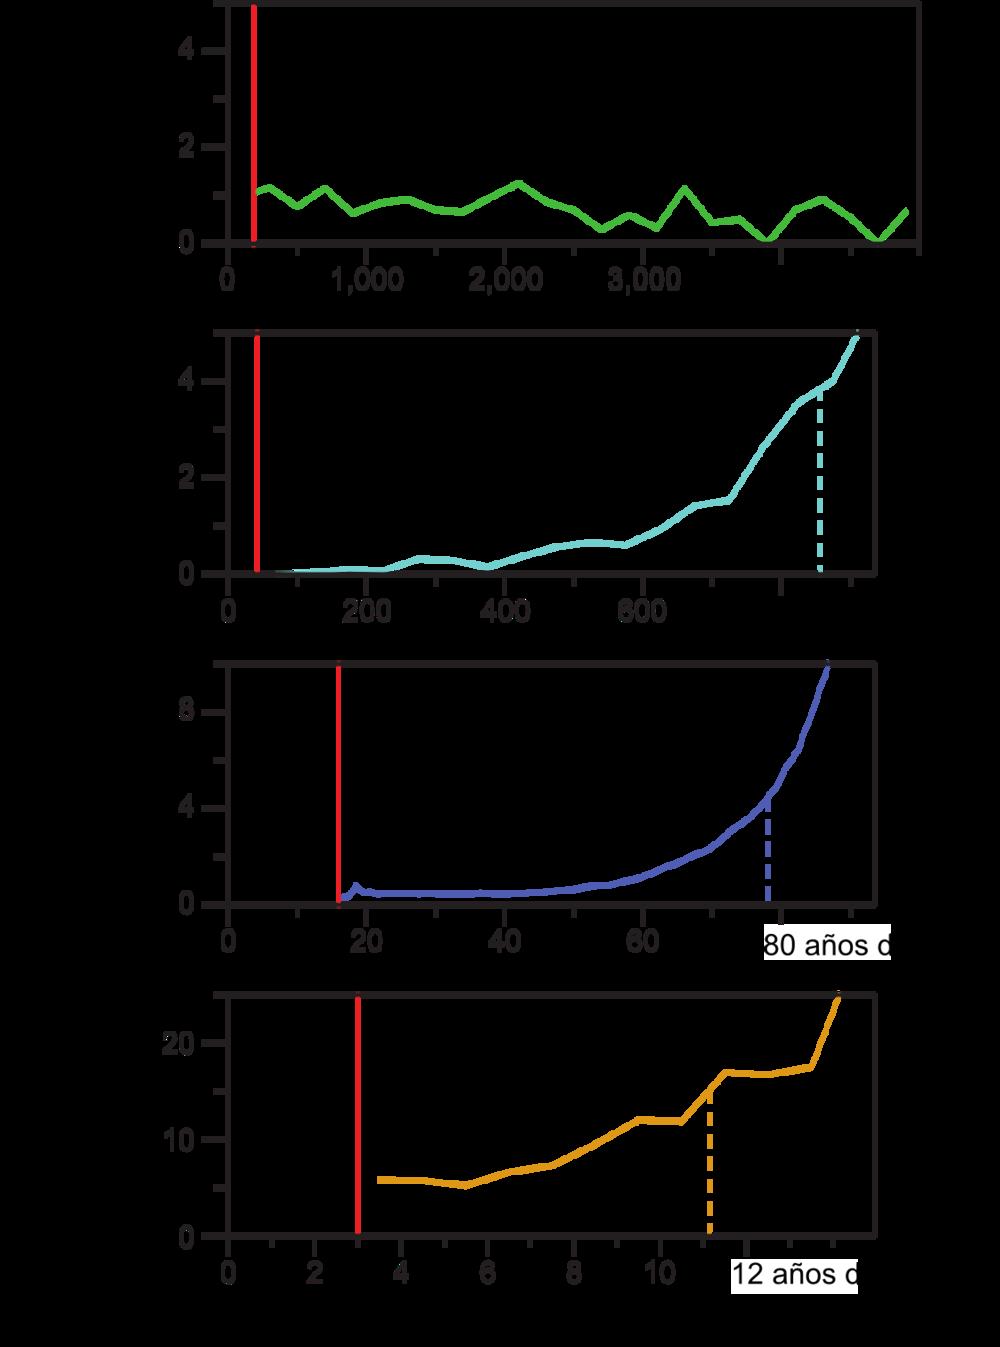 Figura 2: Variación del componente dependiente de la edad de acuerdo a la edad del organismo en ratas topo lampiñas (línea verde), ratones (línea turquesa), humanos (línea azul) y caballos (línea naranja). Las curvas comienzan a partir de la edad en la que inicia la capacidad reproductiva de cada especie. El eje X corresponde a la edad; el eje Y al componente dependiente de la edad. En paréntesis encuentra el riesgo de muerte que se adquiere por cada día o año que pasa. Modificada/simplificada de  Ruby, Smith and Buffenstein, 2018 .